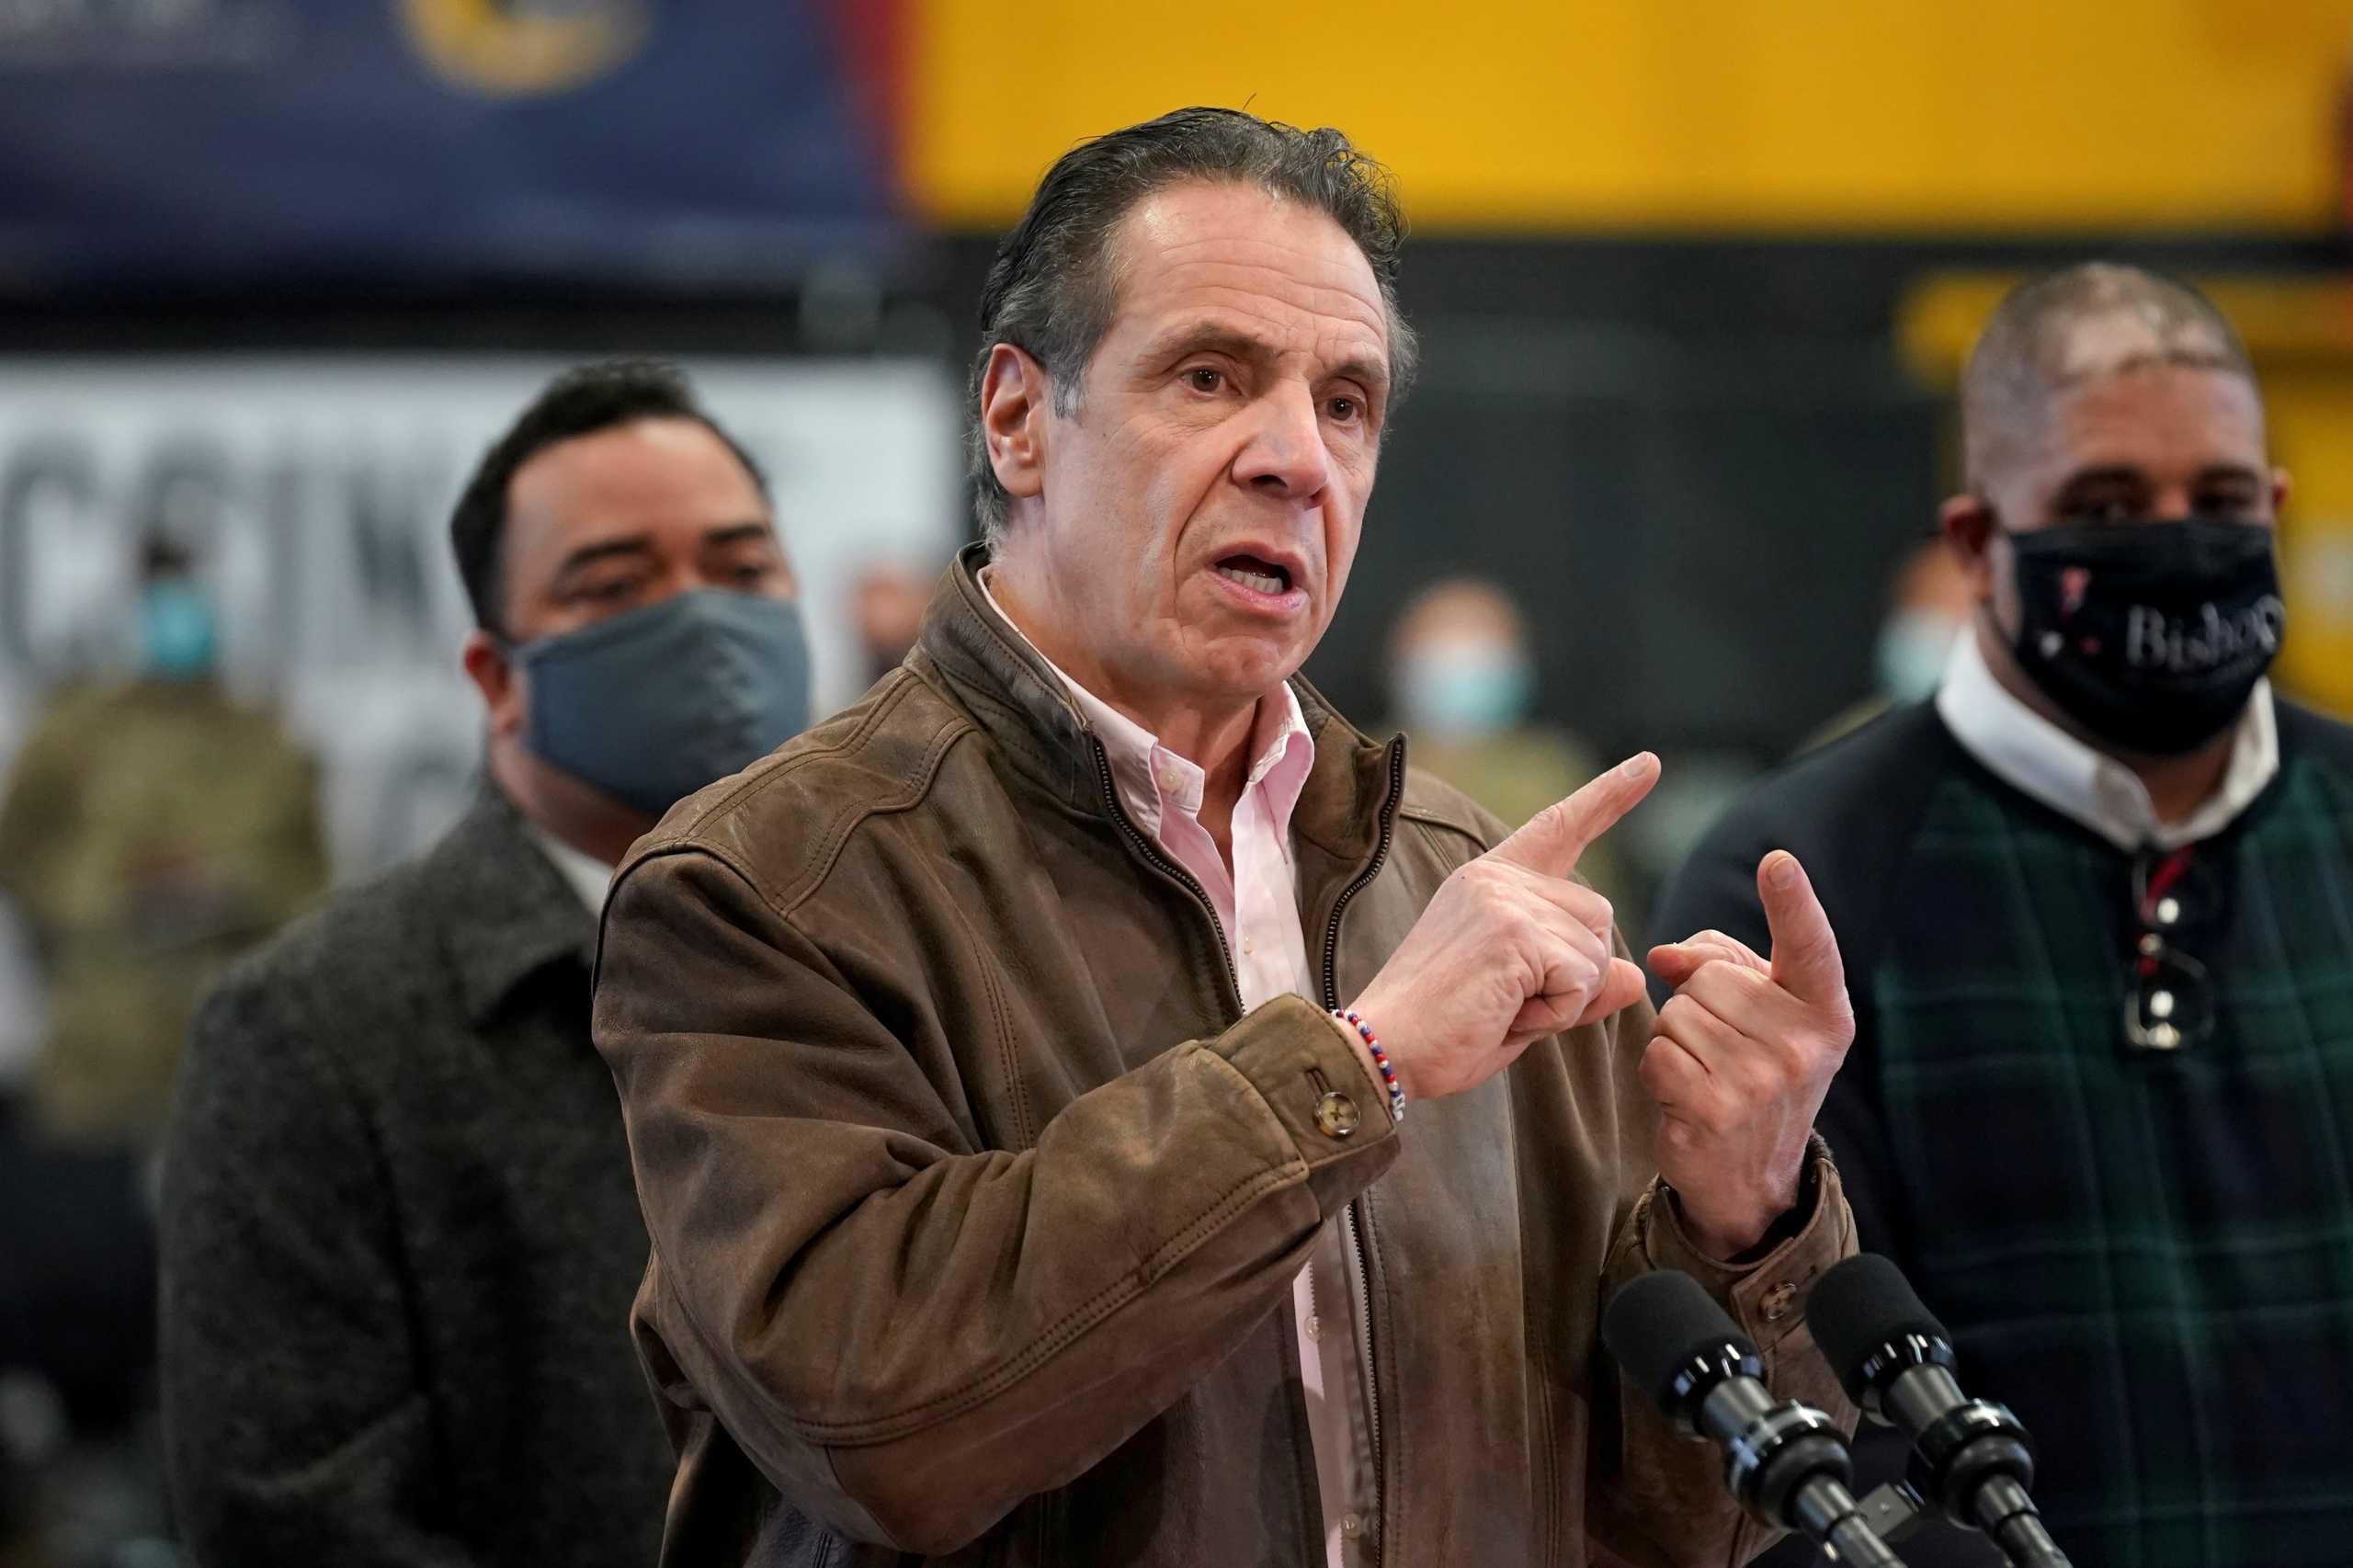 Άντριου Κουόμο:Και τρίτη καταγγελία για σεξουαλική παρενόχληση από τον κυβερνήτη της Νέας Υόρκης